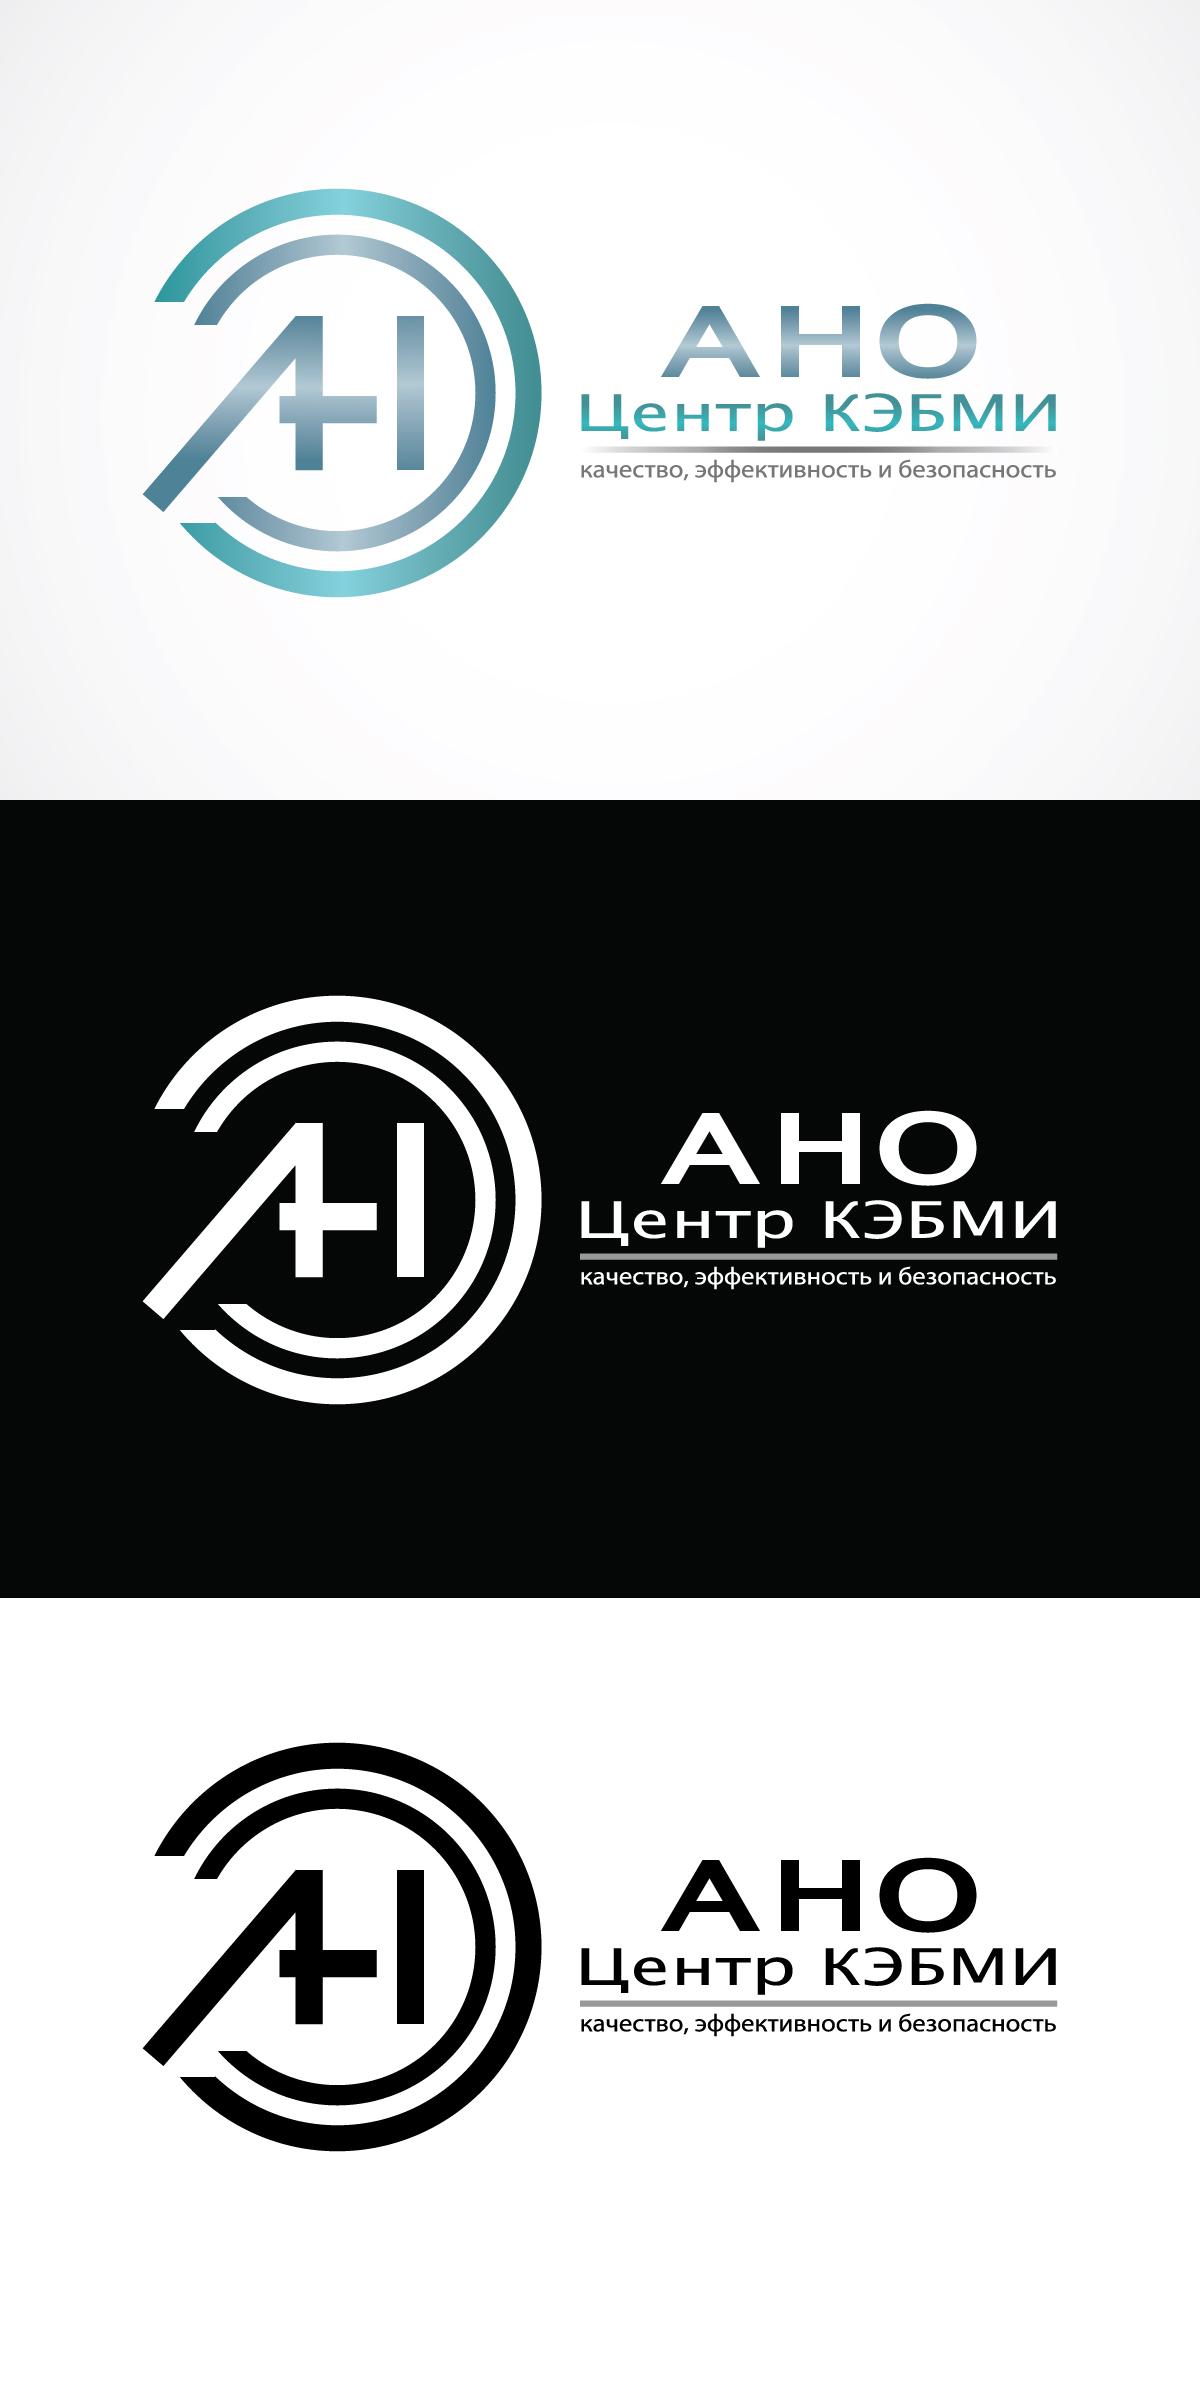 Редизайн логотипа АНО Центр КЭБМИ - BREVIS фото f_4255b1e7785607c2.jpg